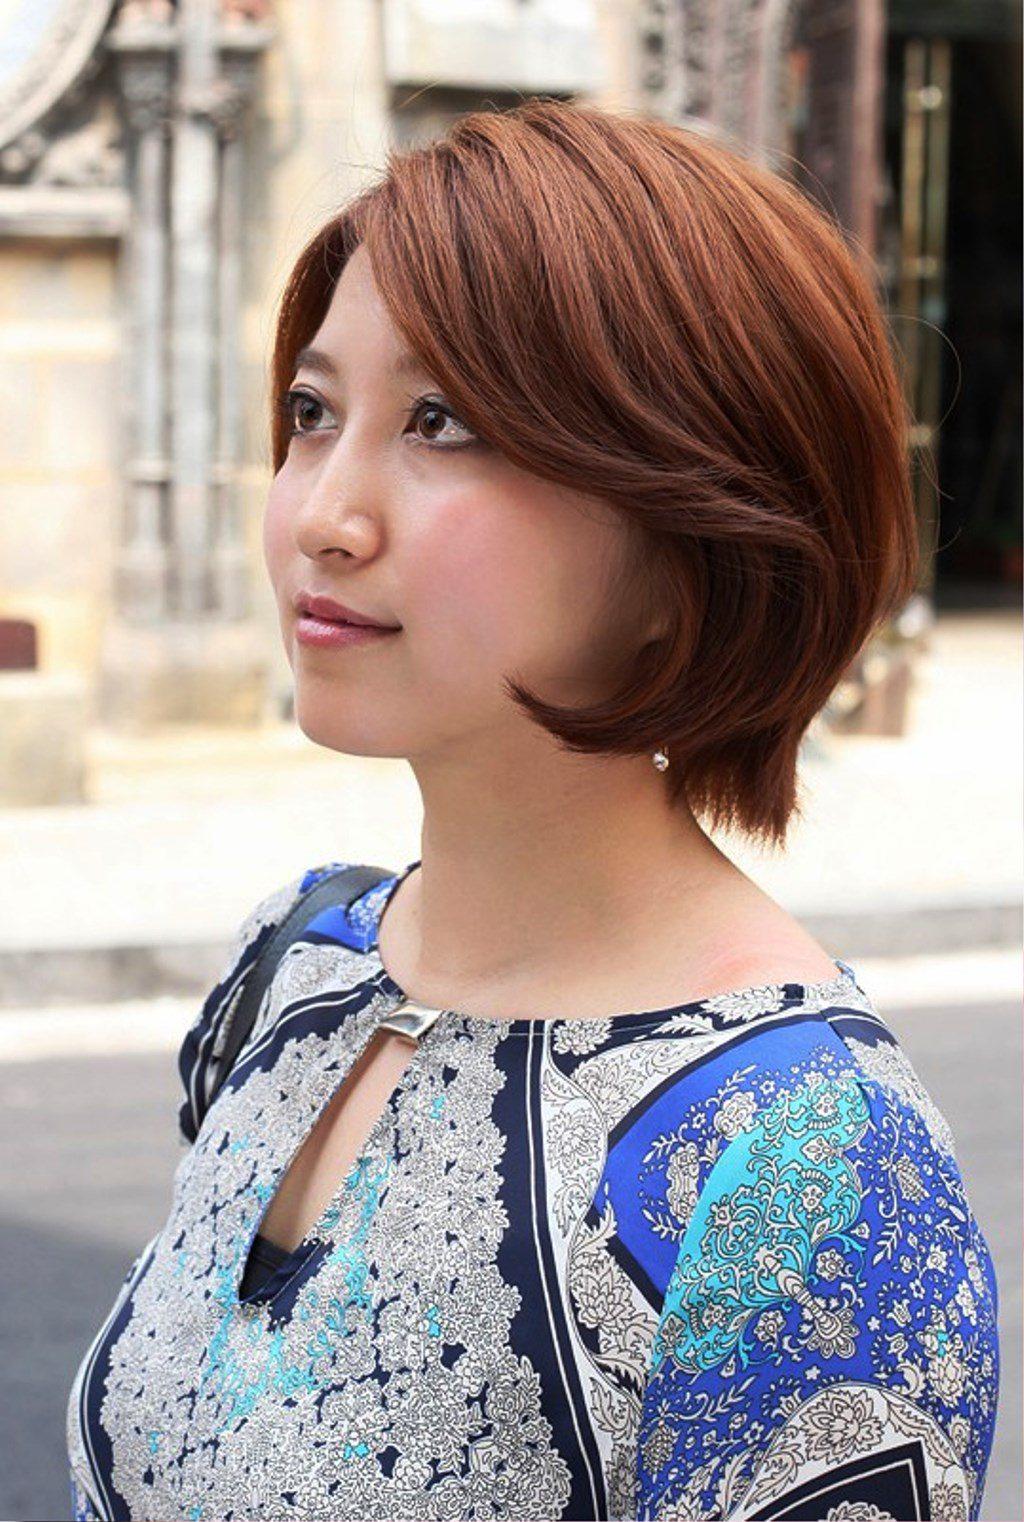 Cute Short Asian Bob Hairstyle For Women Hairstyles Ideas Cute